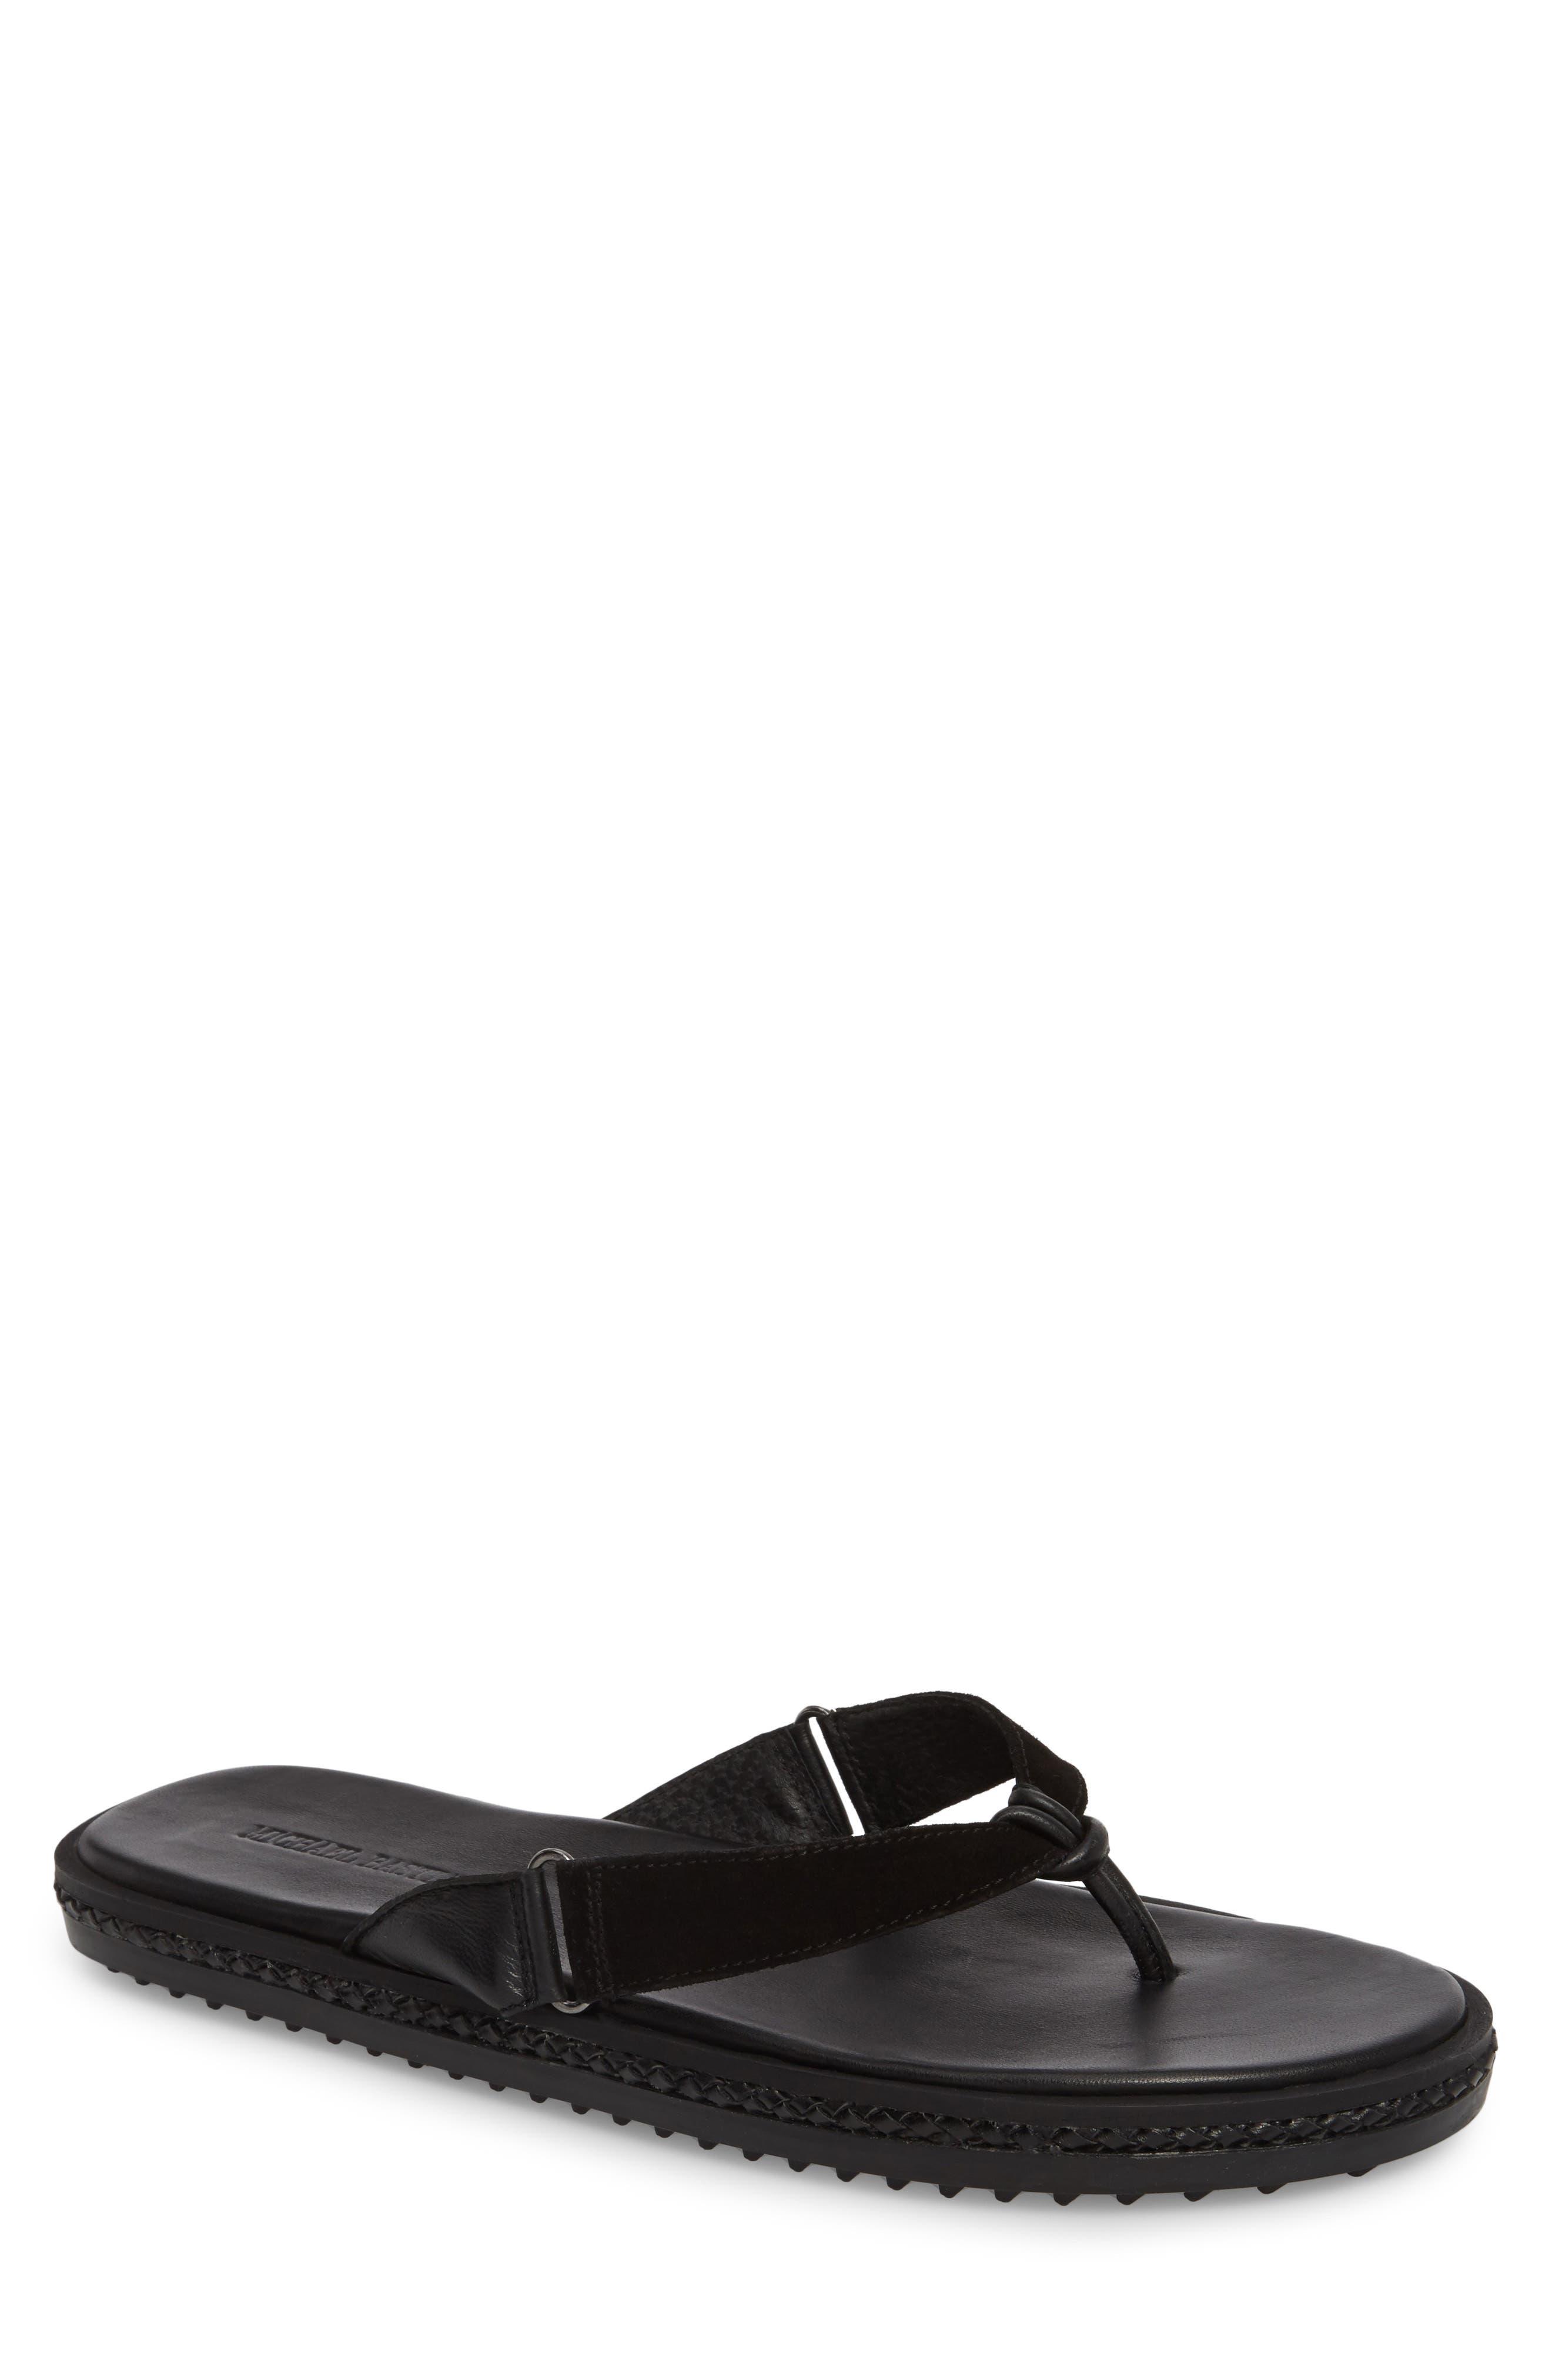 Flip Flop,                         Main,                         color, BLACK LEATHER